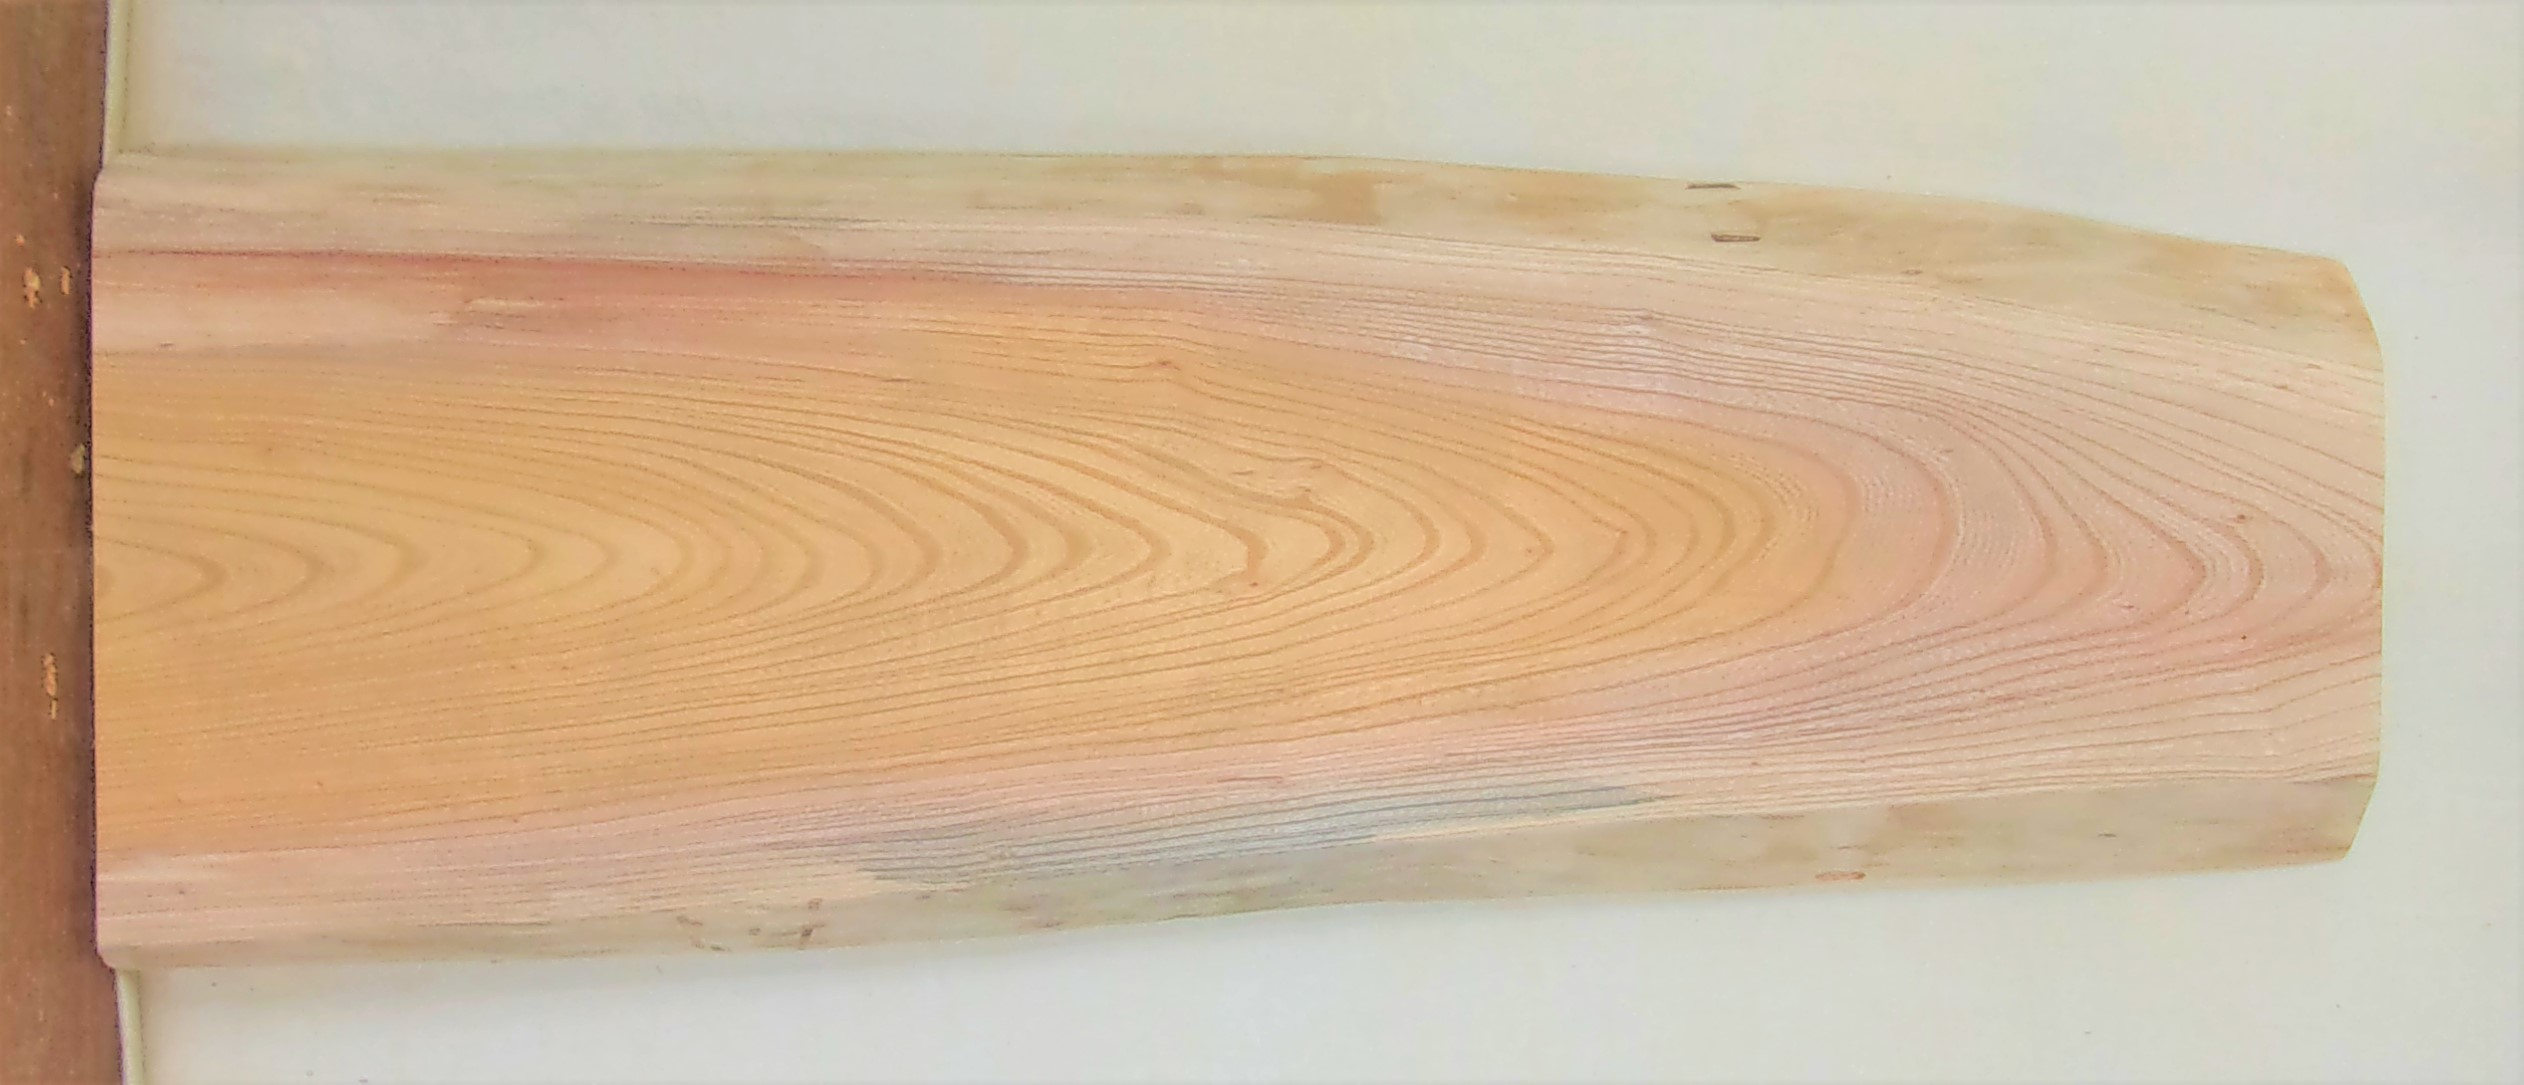 【送料・手数料無料】 山成林業 小型無垢一枚板 KD-596 ケヤキ 小型看板に最適